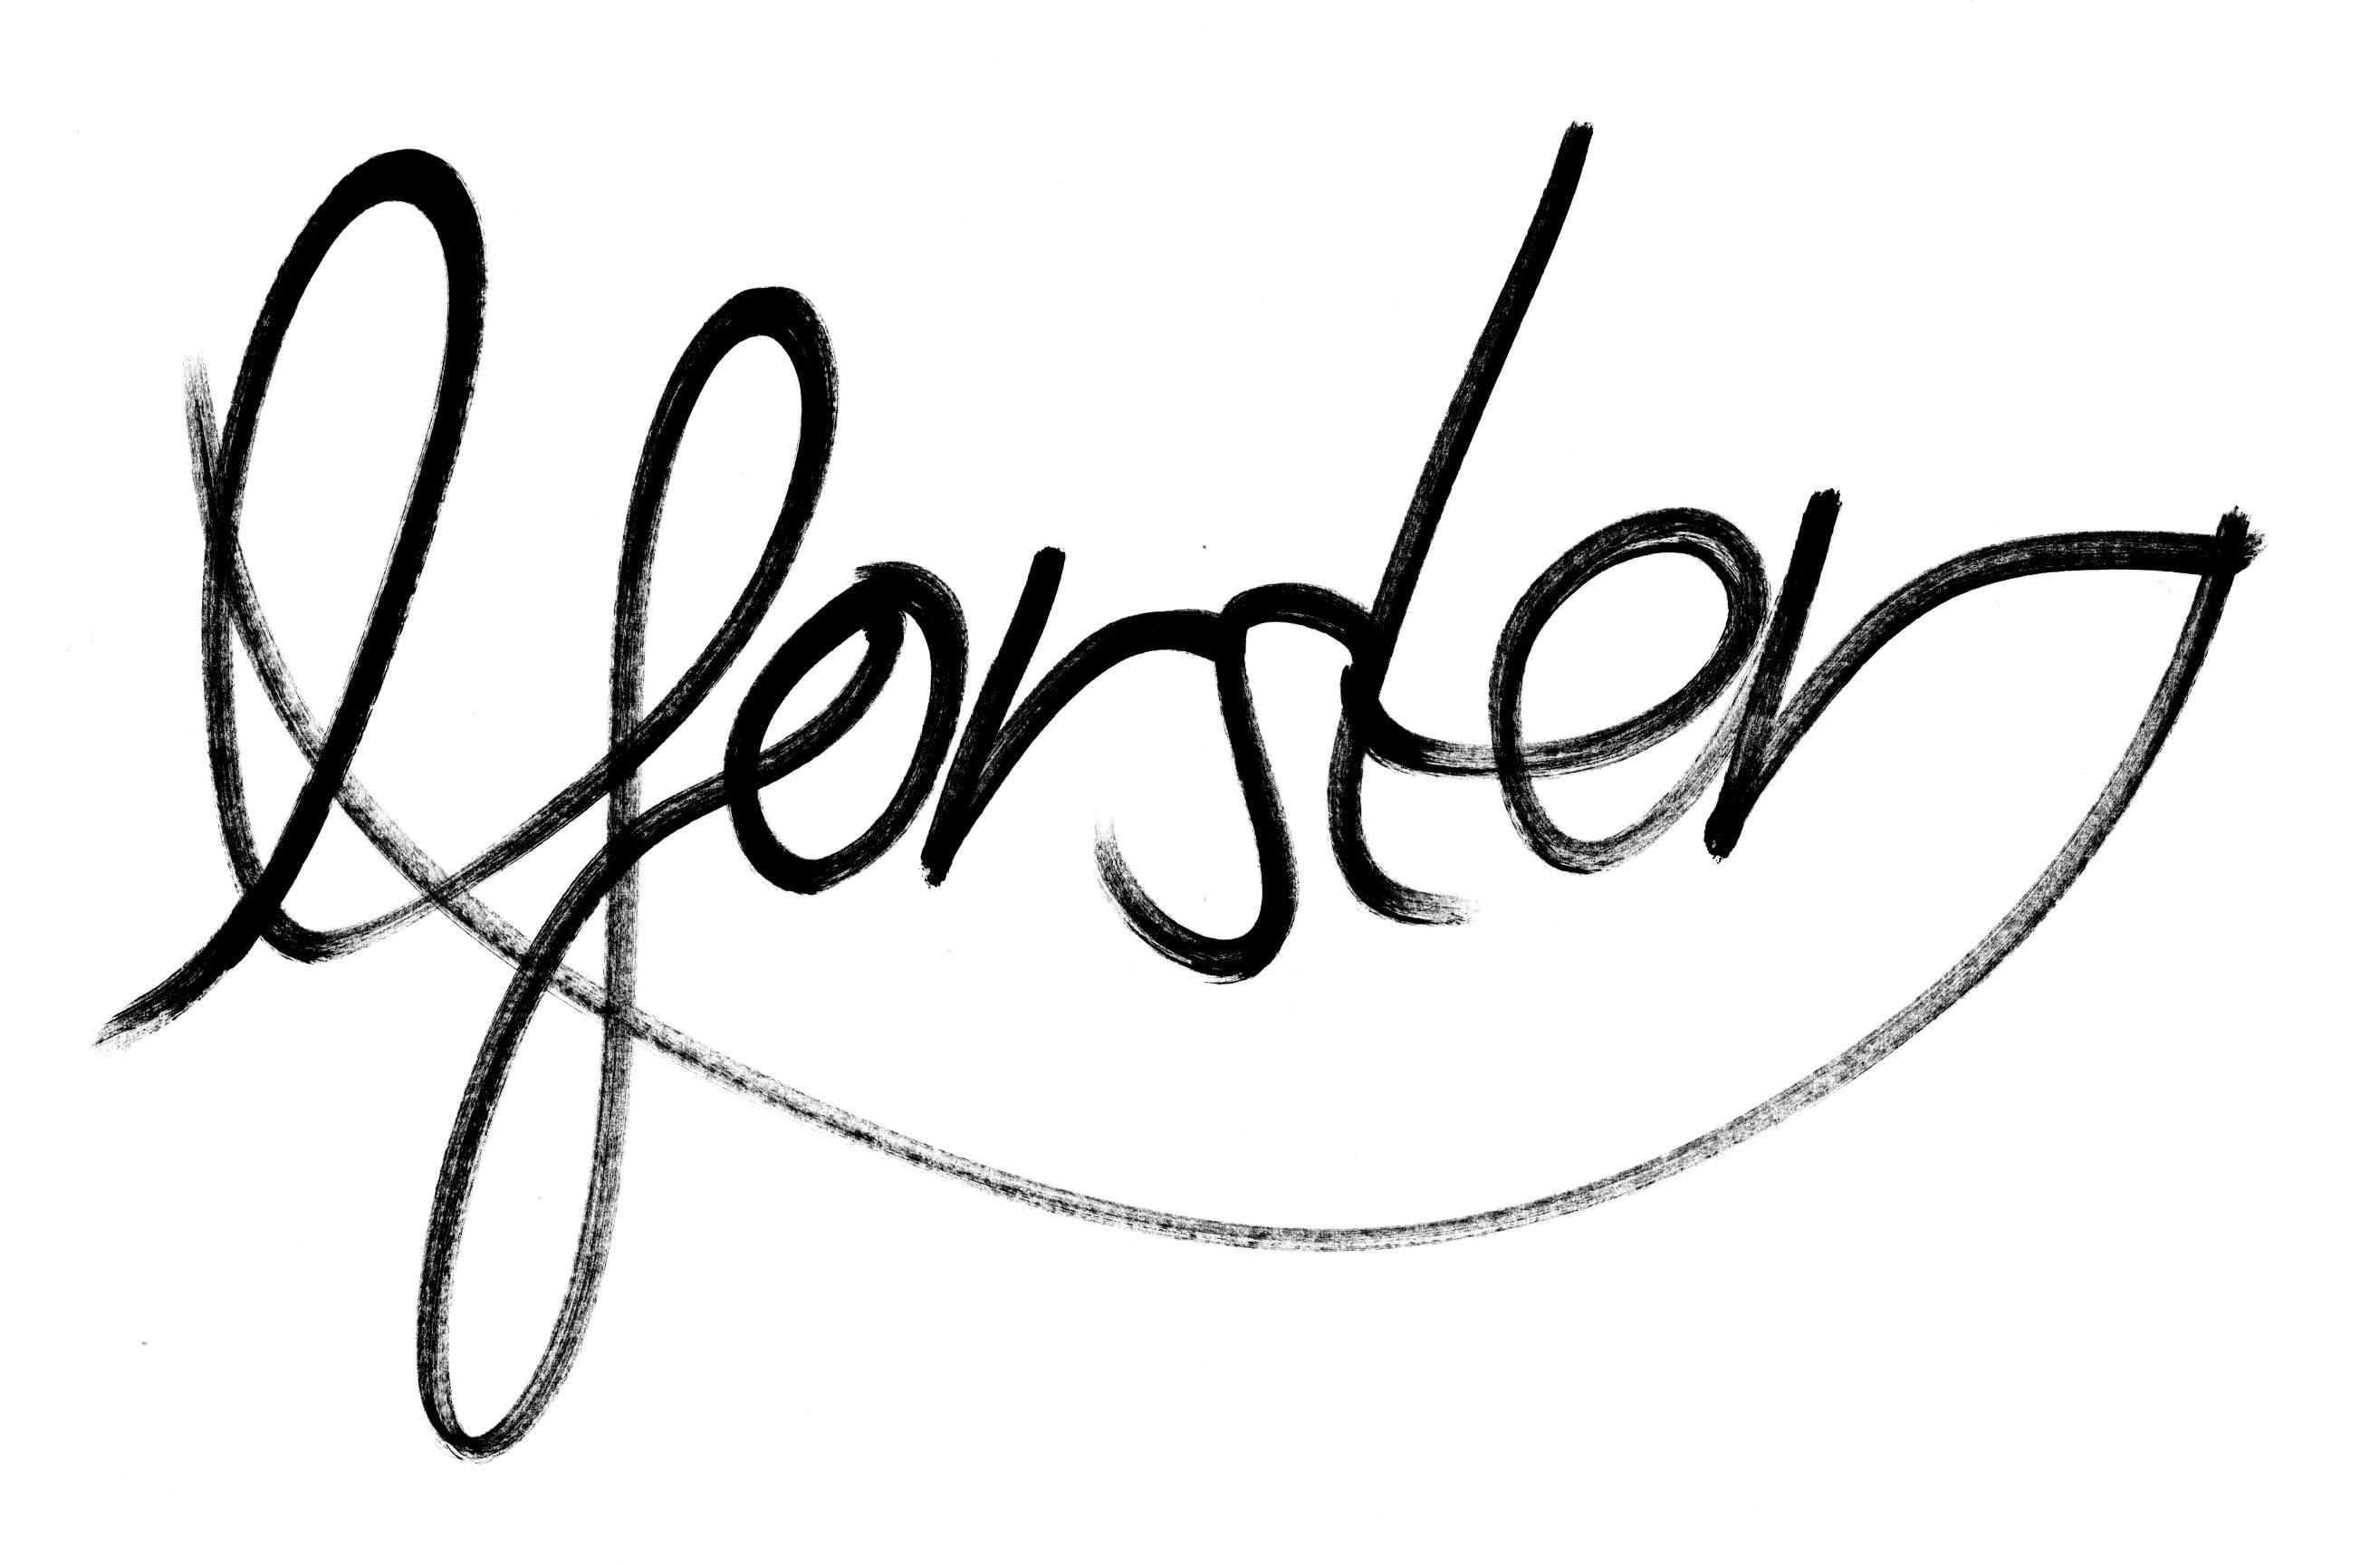 Luke Forster Signature